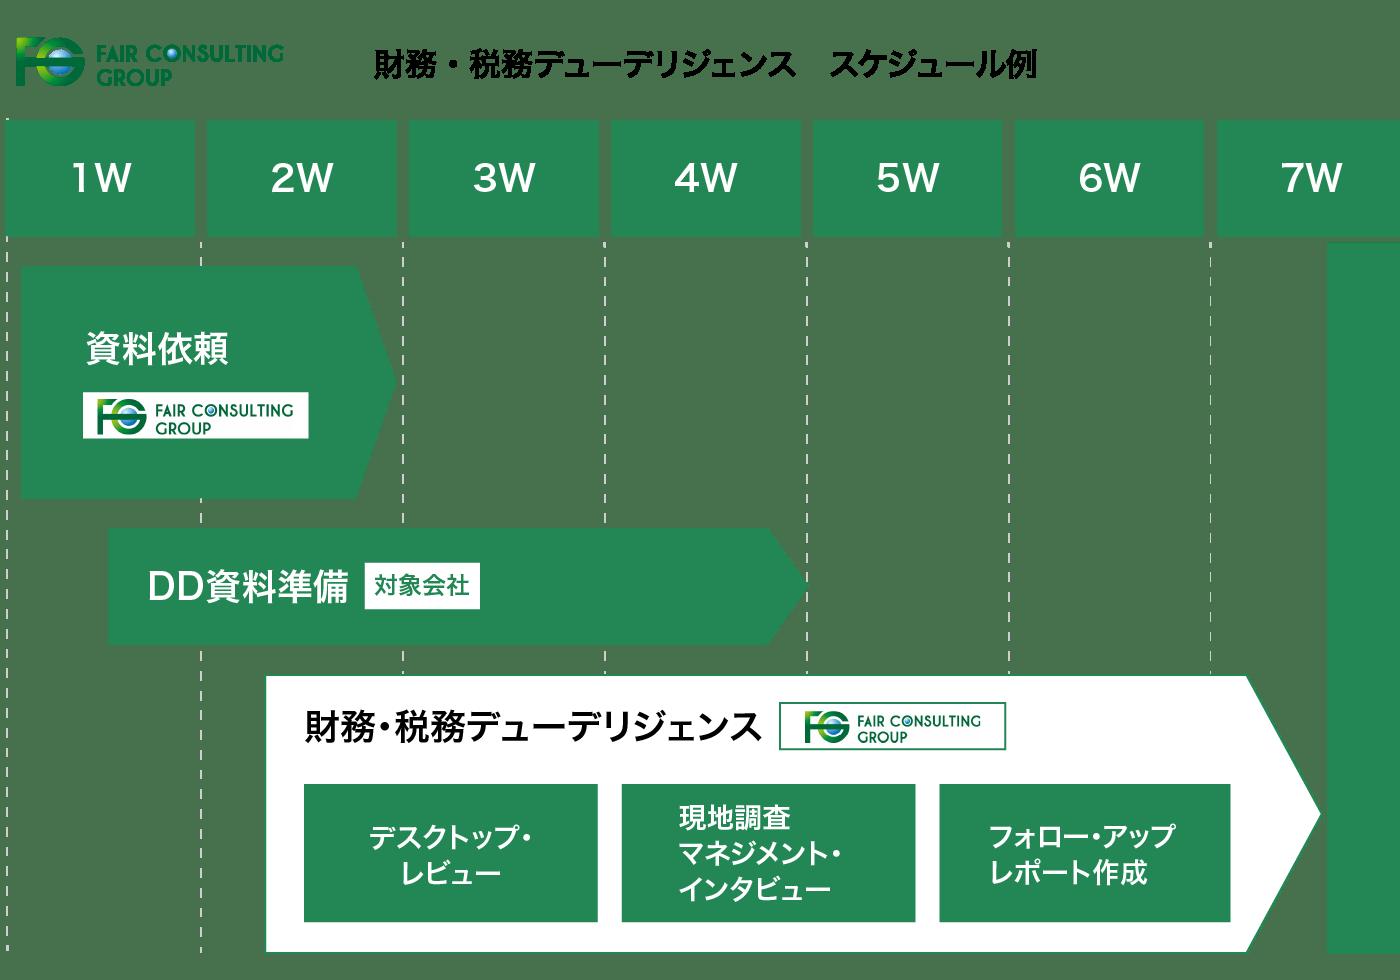 トランザクションアドバイザリー 財務・税務デューデリジェンス スケジュール例の図